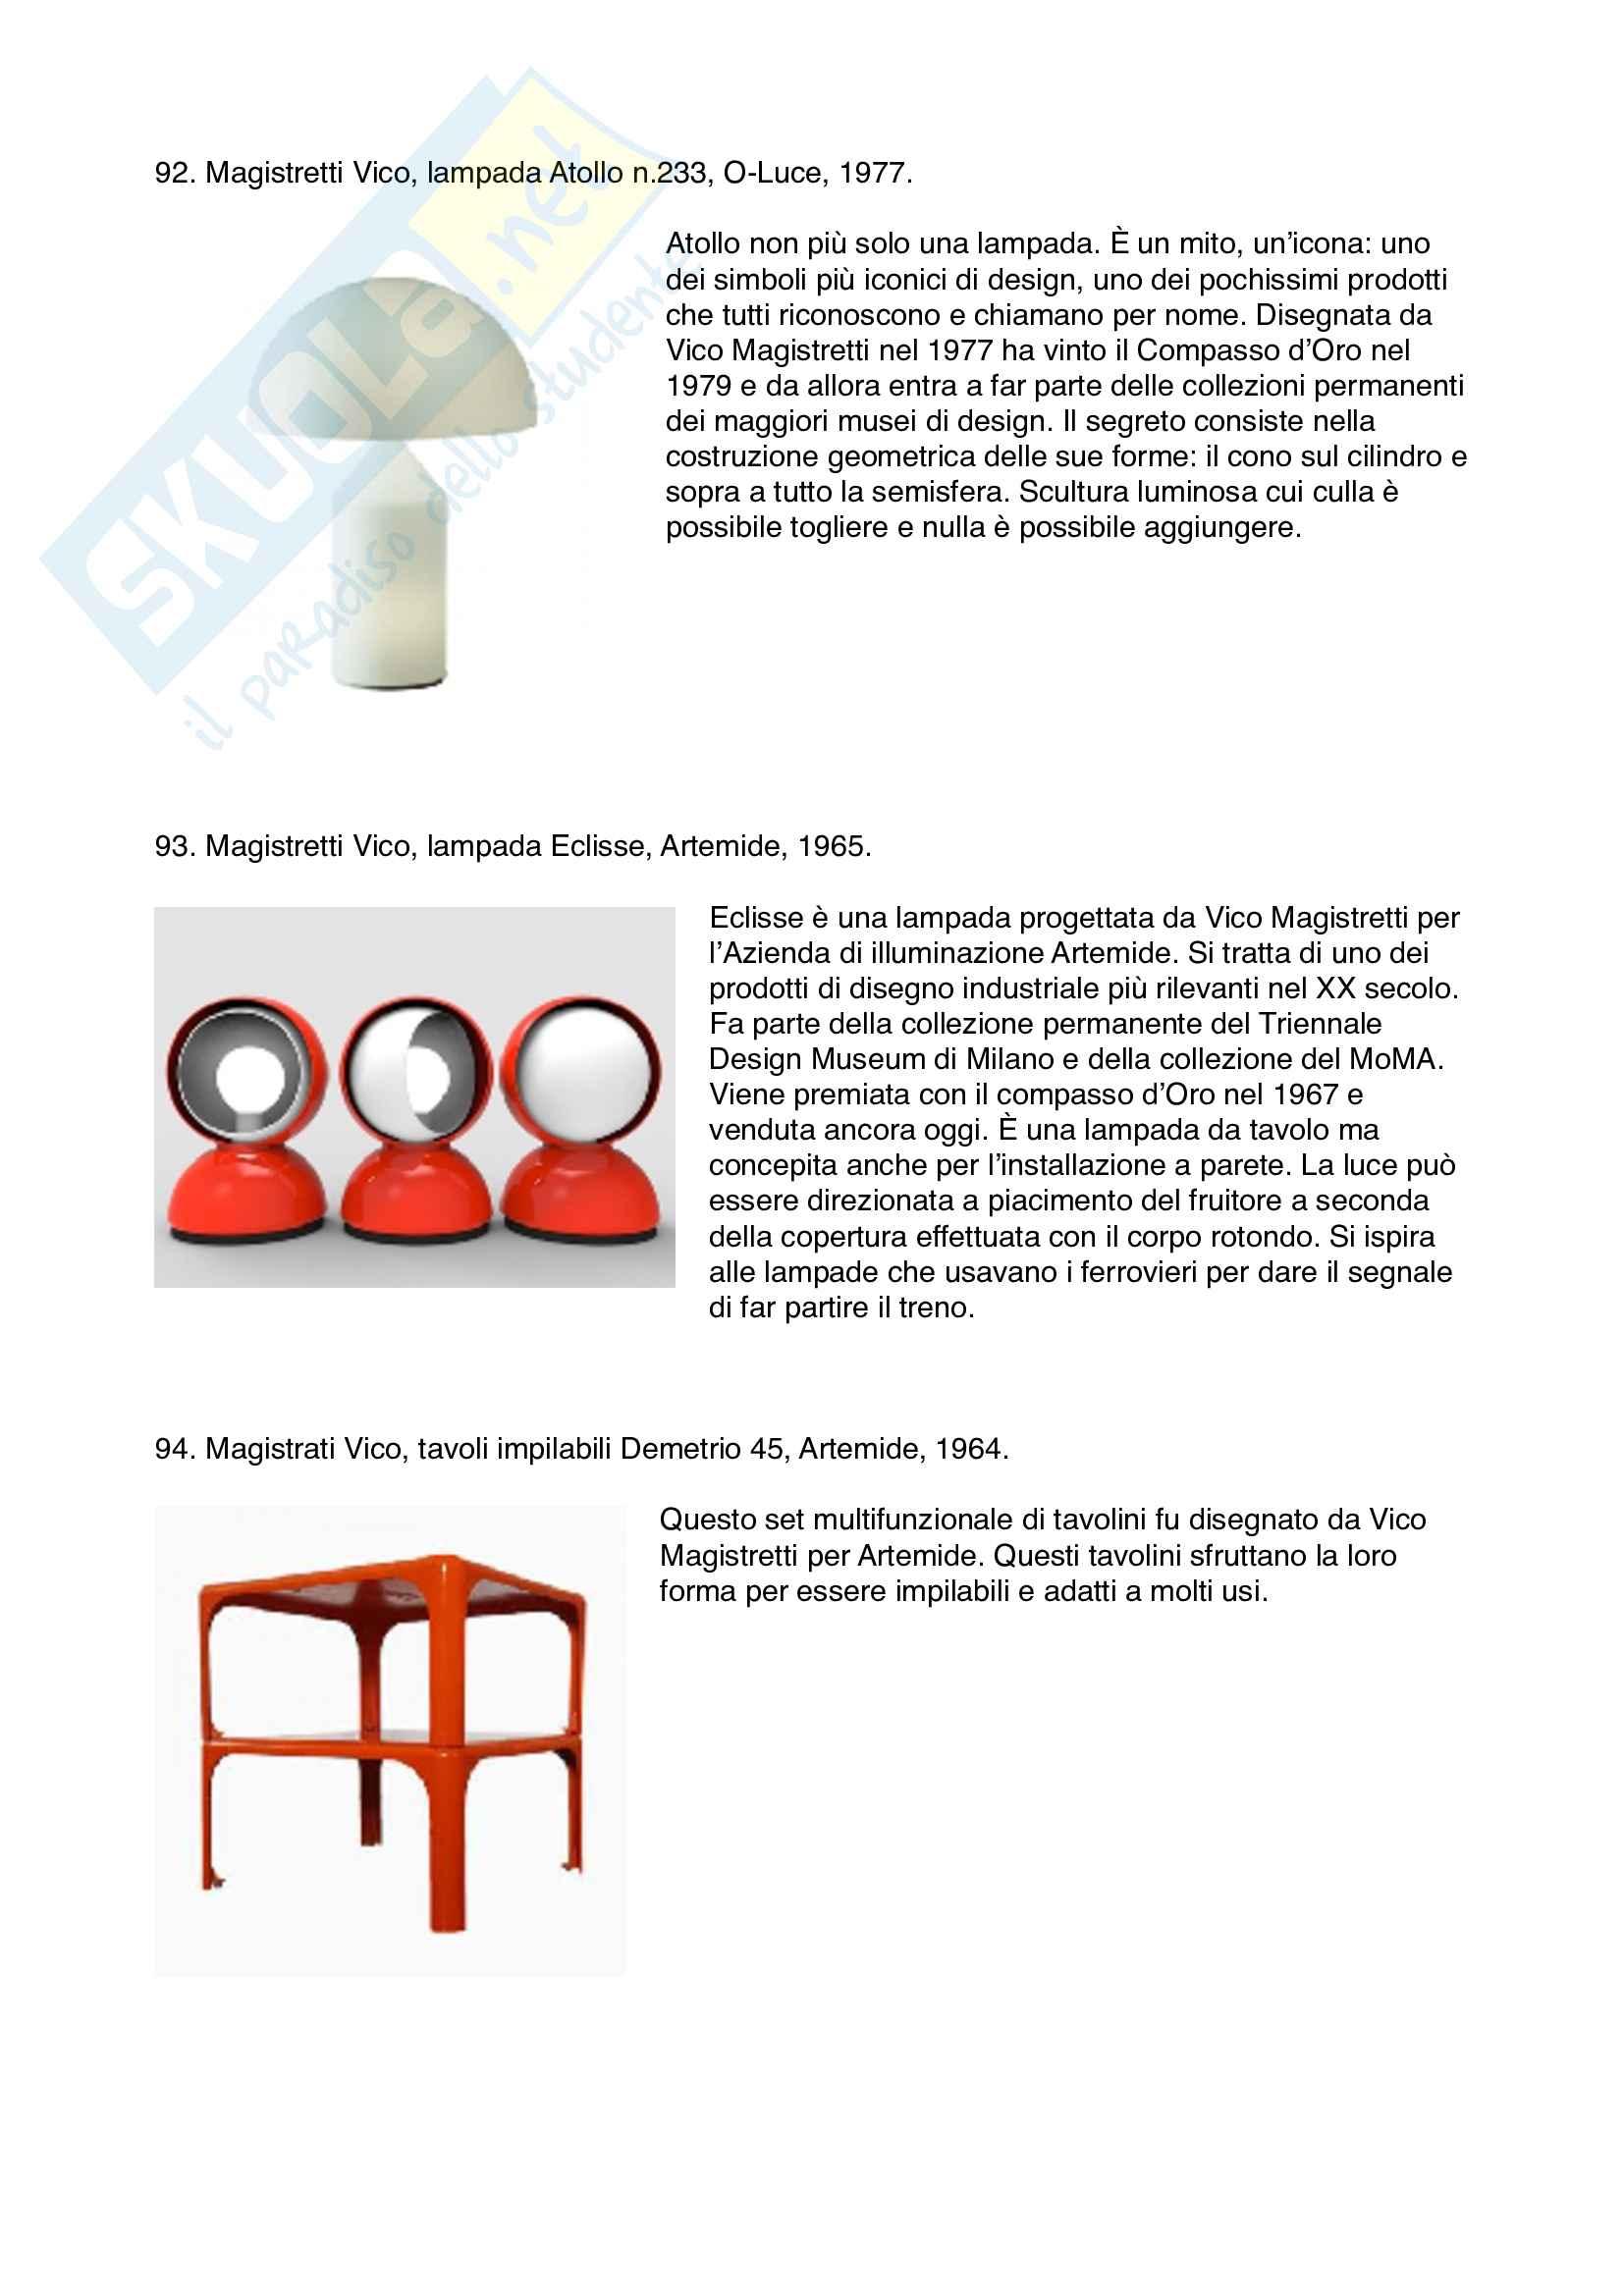 150 oggetti, storia del design Pag. 31